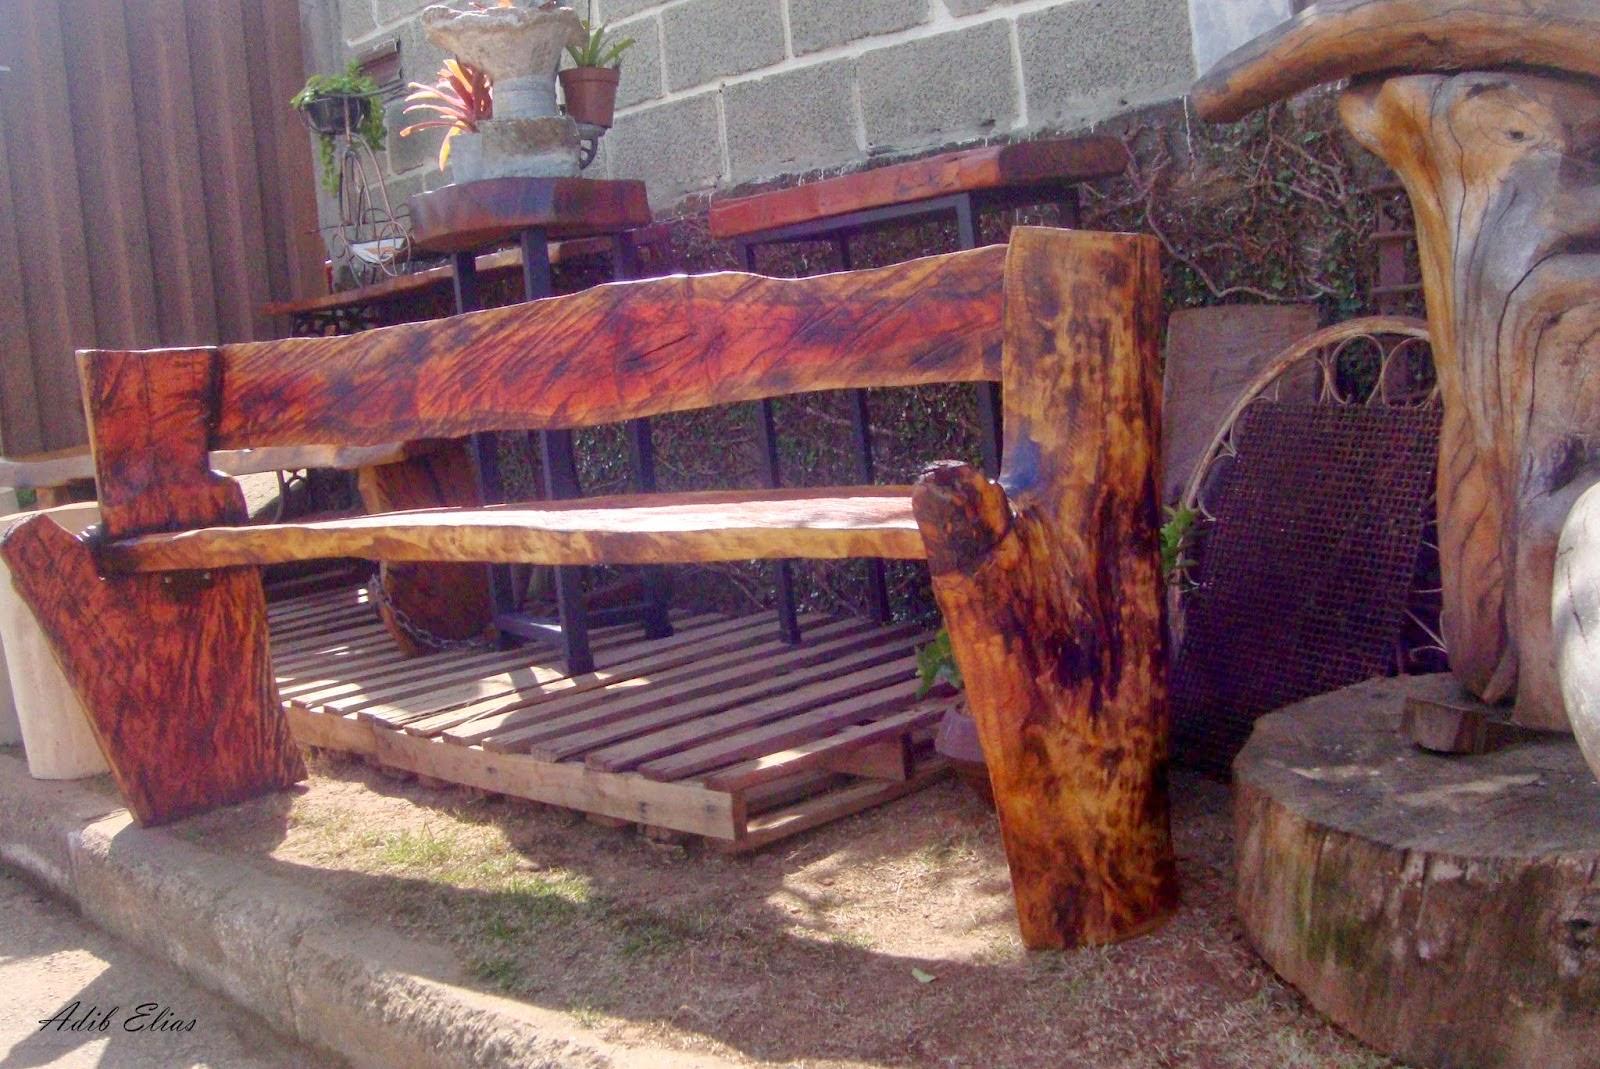 Banco rústico de madeira reciclada de Jacarandá #945737 1600x1069